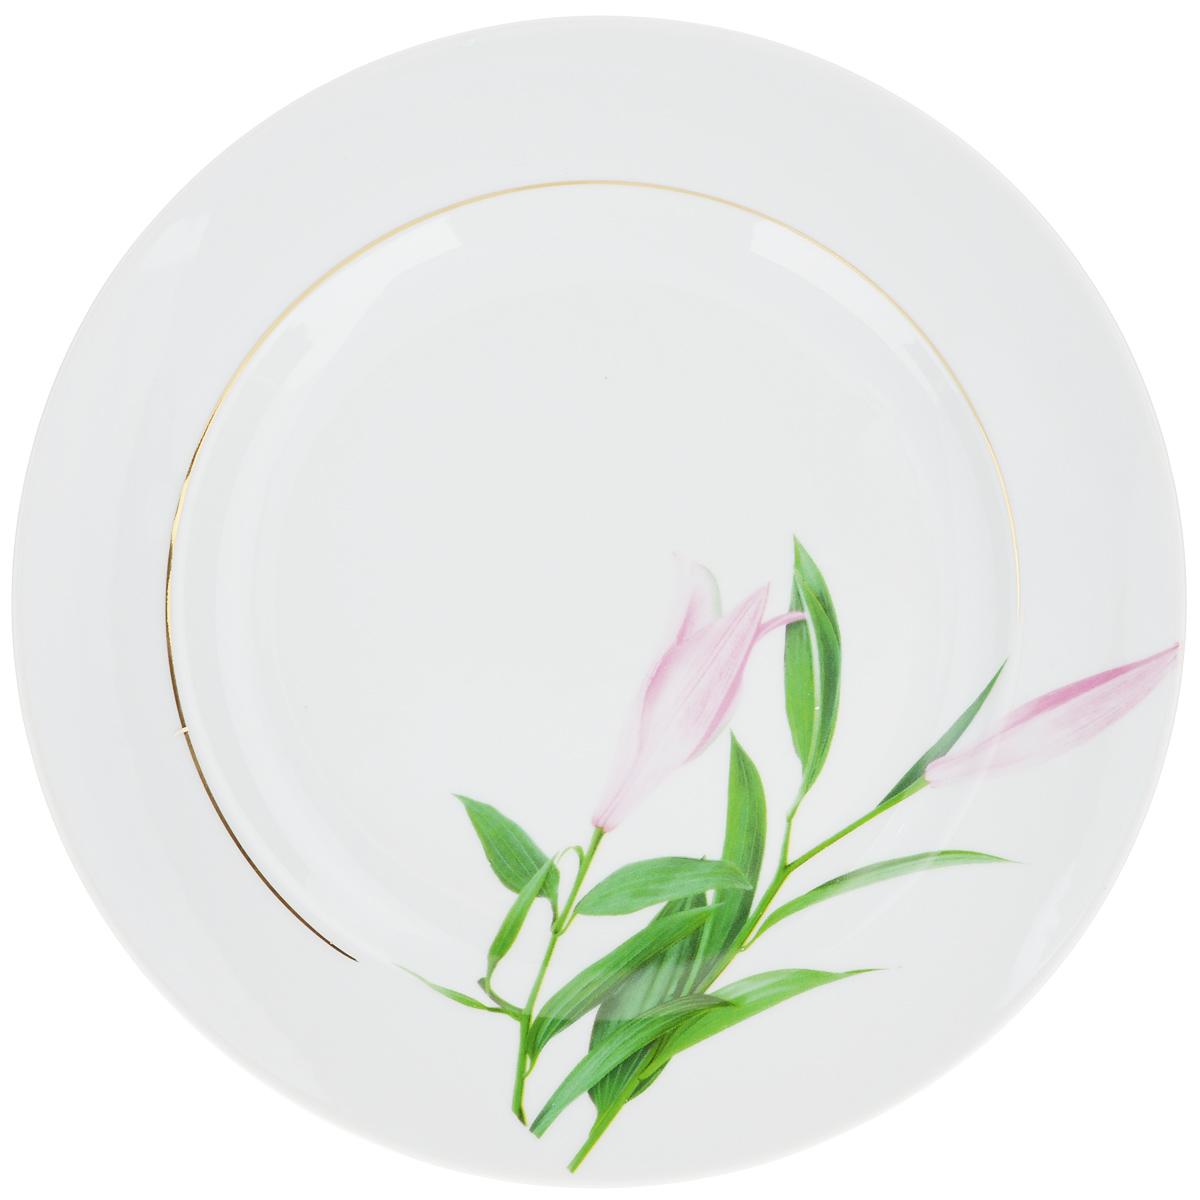 Тарелка Идиллия. Бутон, диаметр 24 см тарелка мелкая идиллия ромашка диаметр 20 см 5с0189